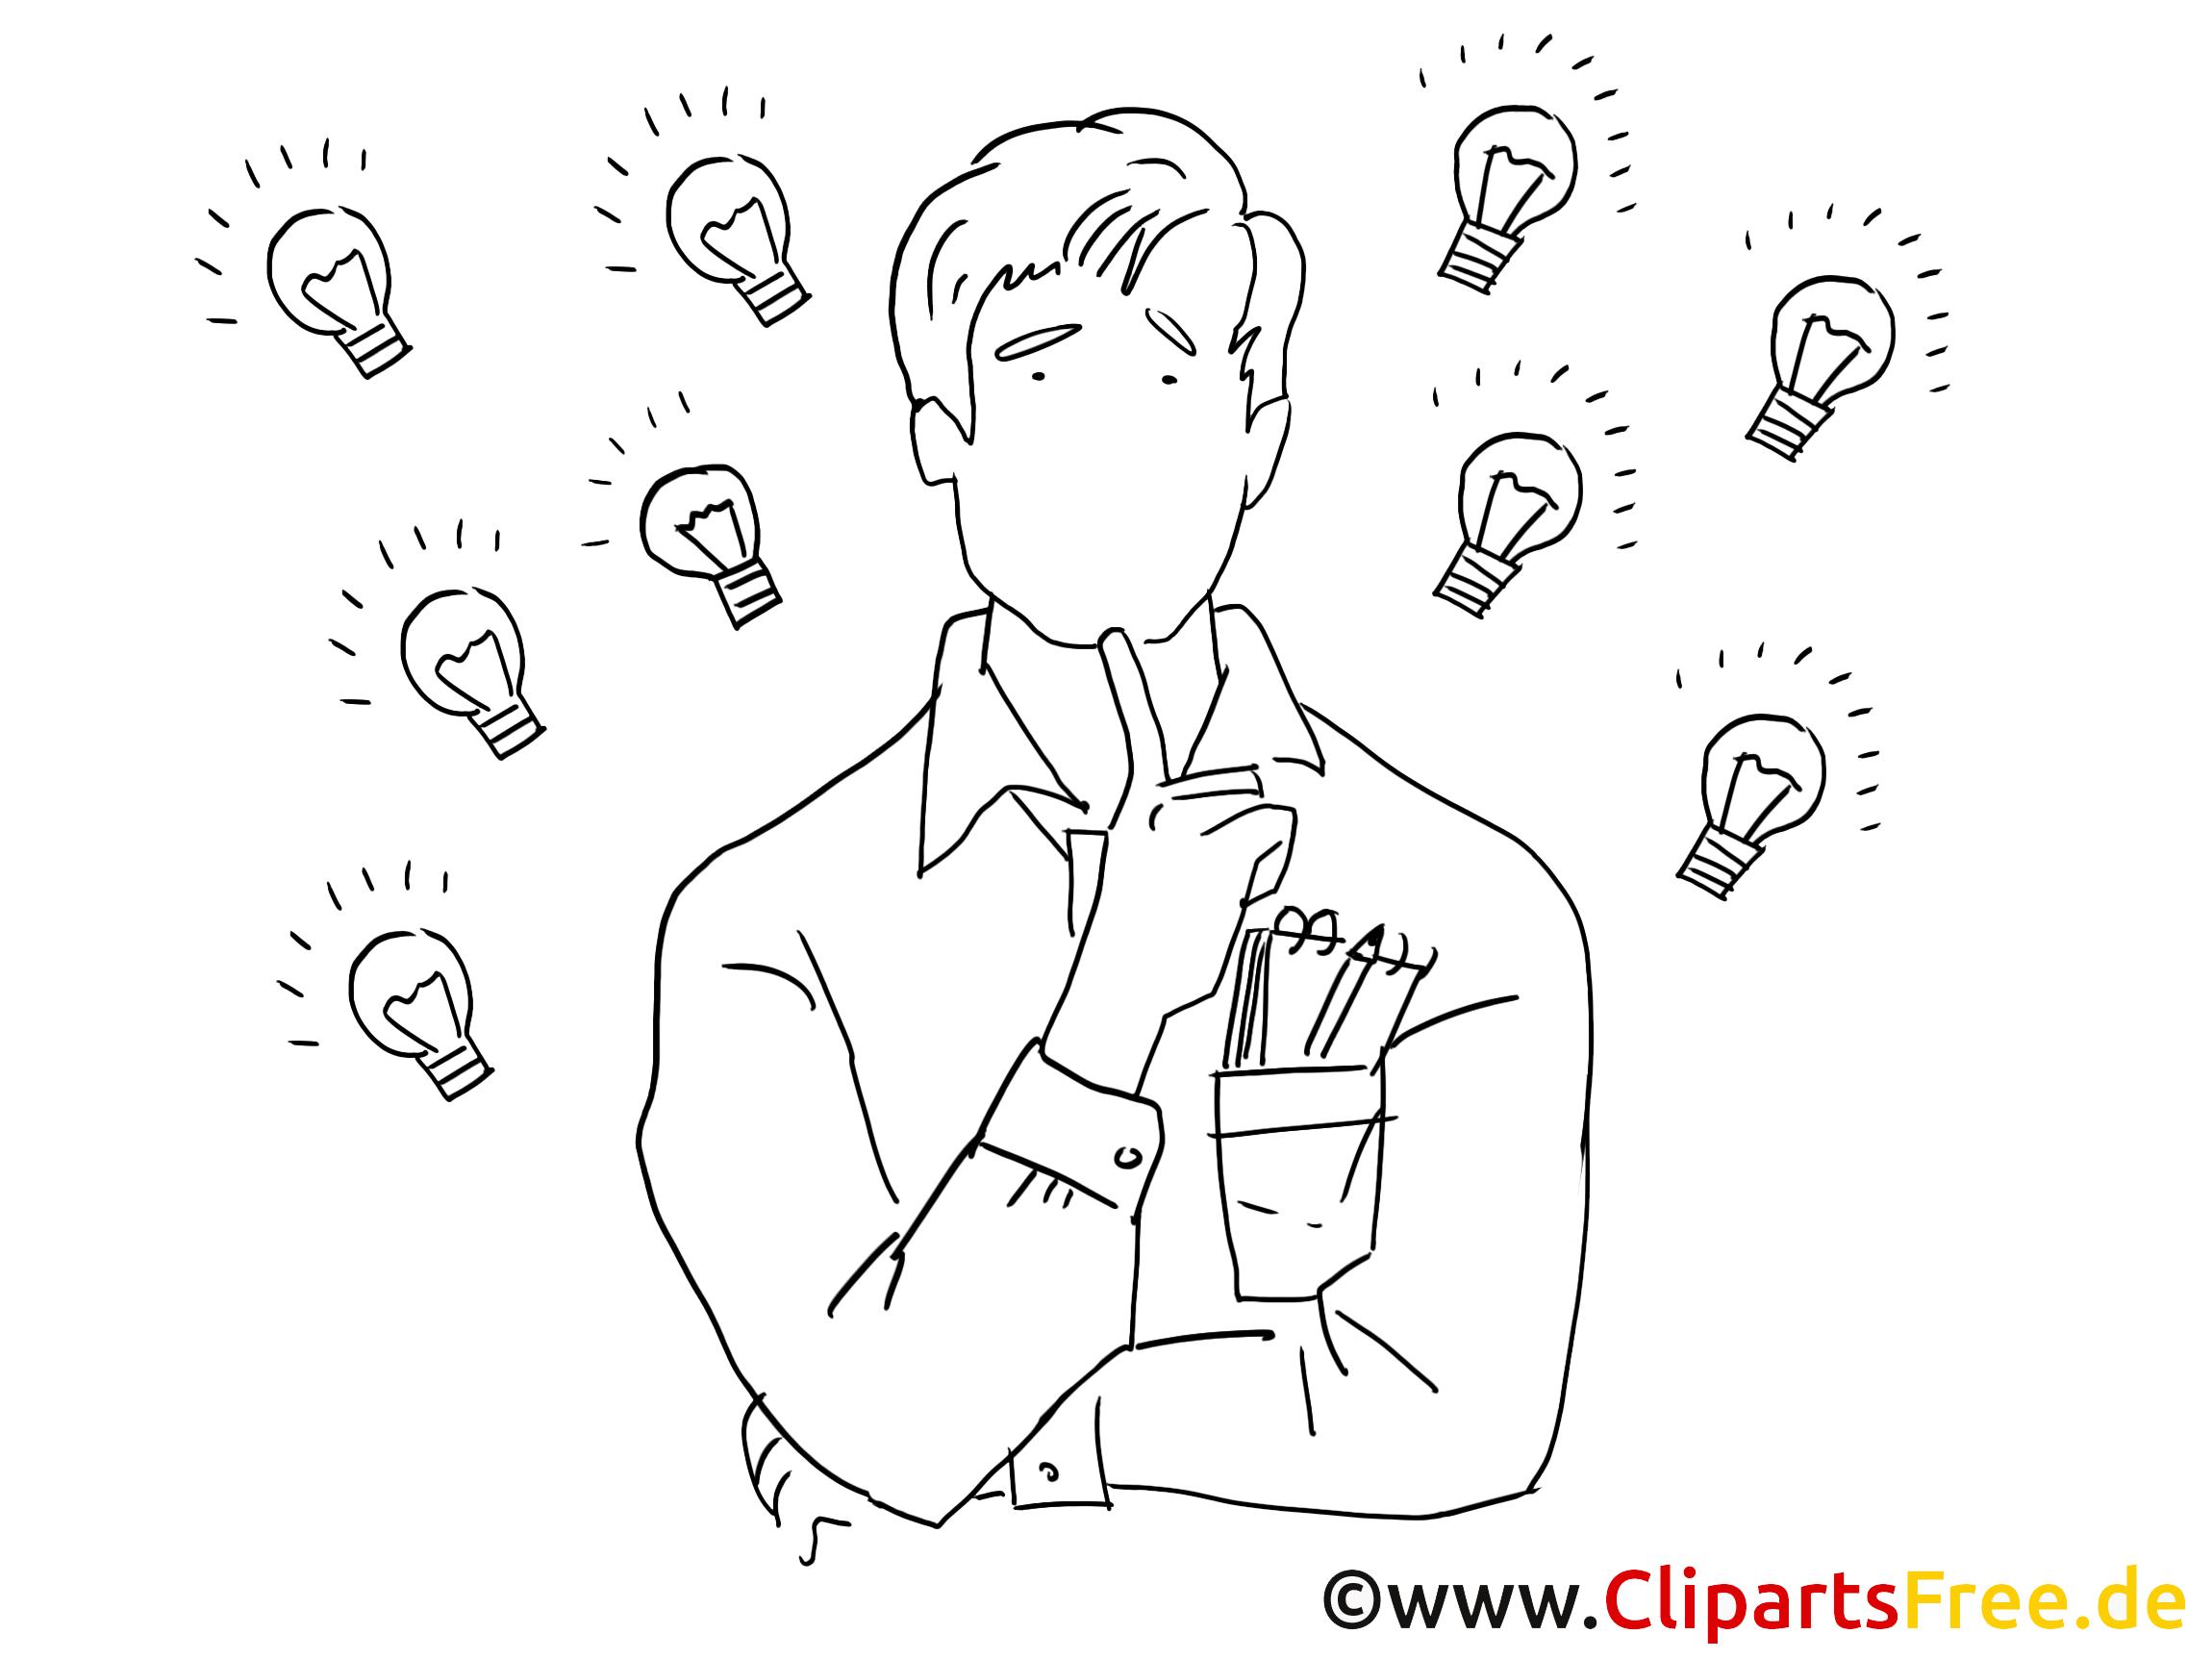 Schule clipart schwarz weiß  Kreative Person Clipart schwarz-weiss